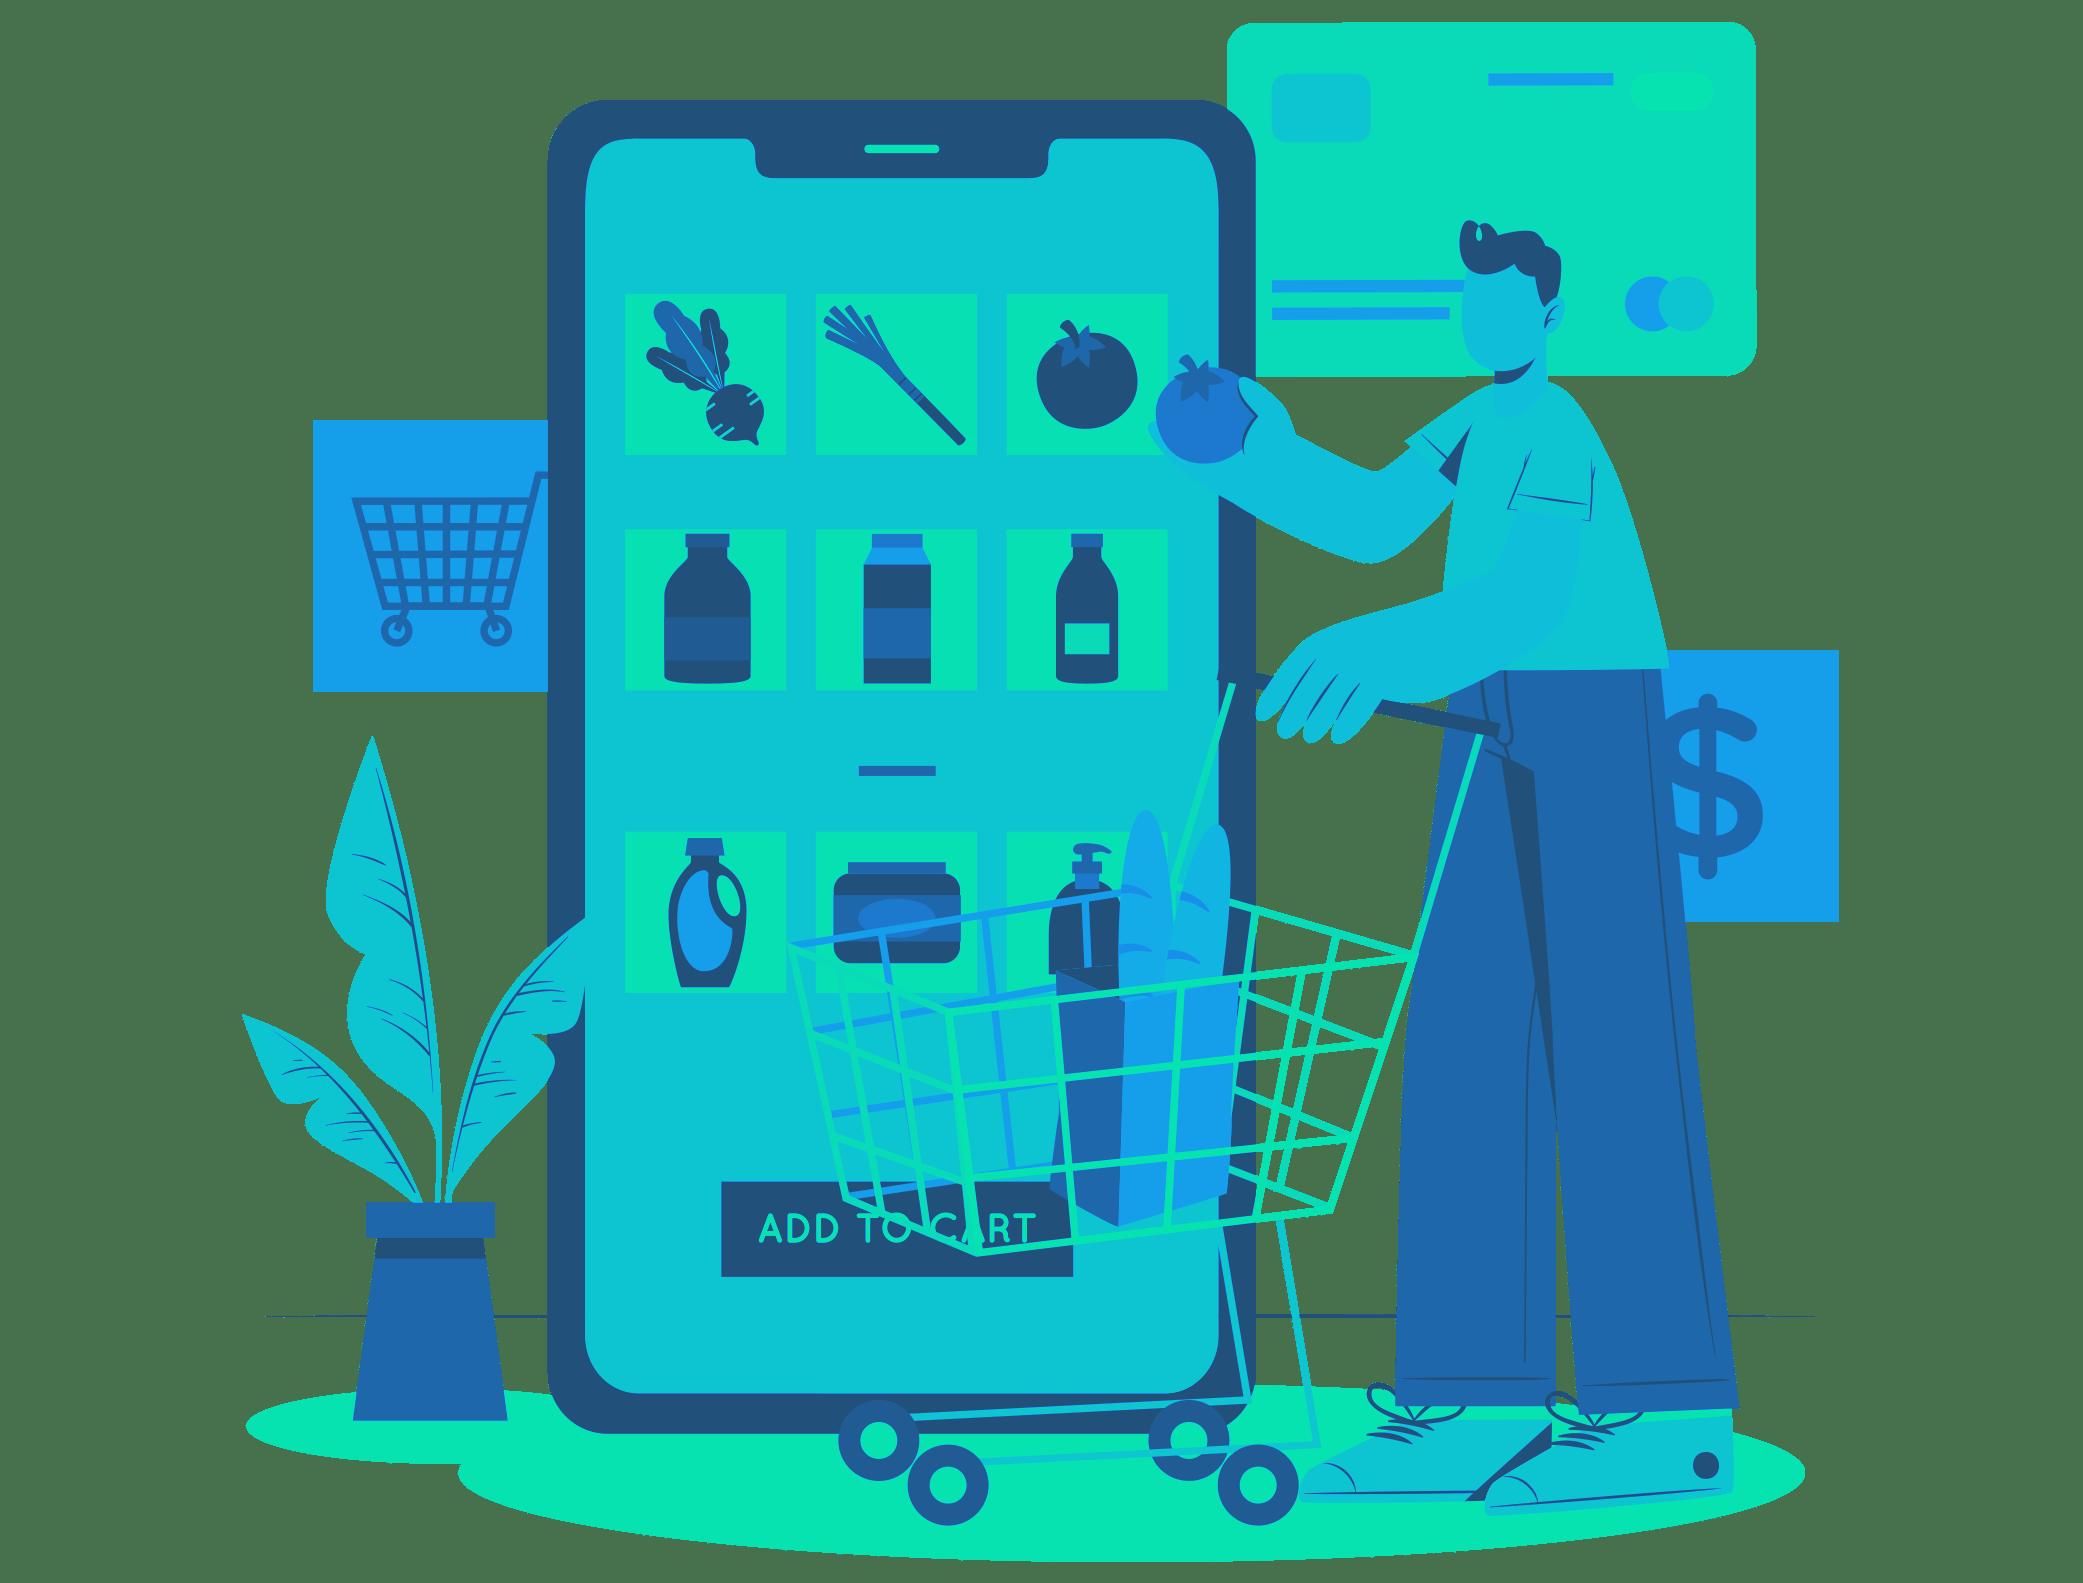 Grocery app development ideas